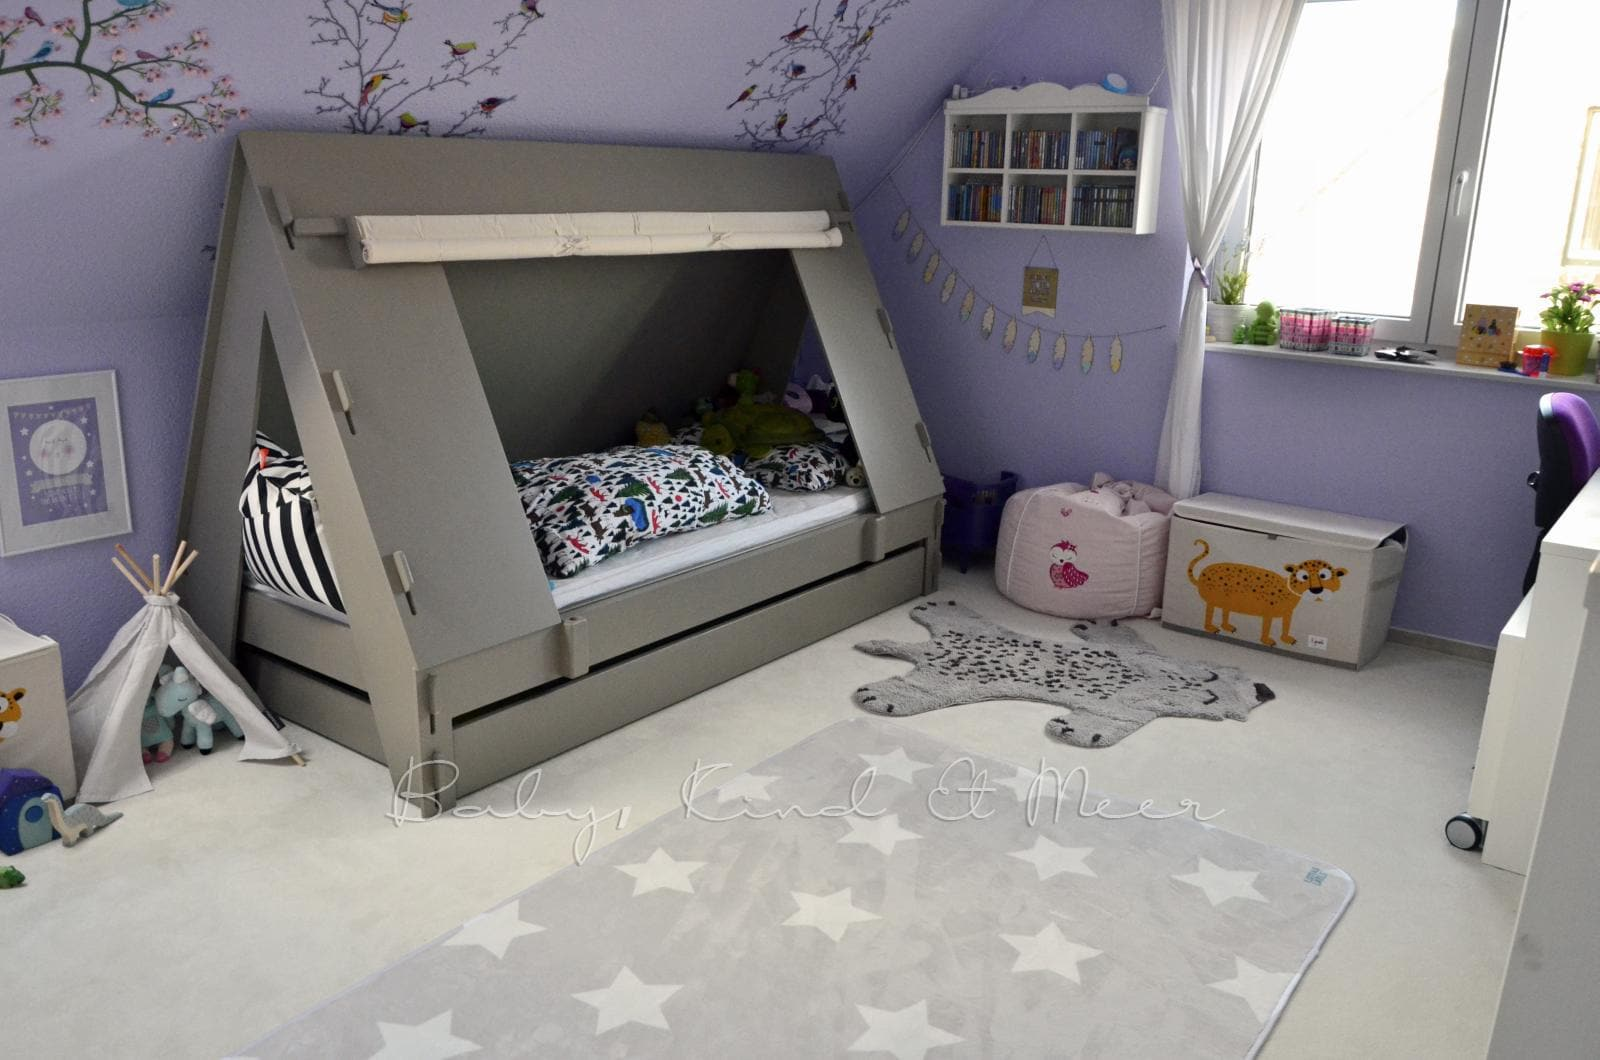 lottas lable einfach zum kuscheln deko sch nes. Black Bedroom Furniture Sets. Home Design Ideas